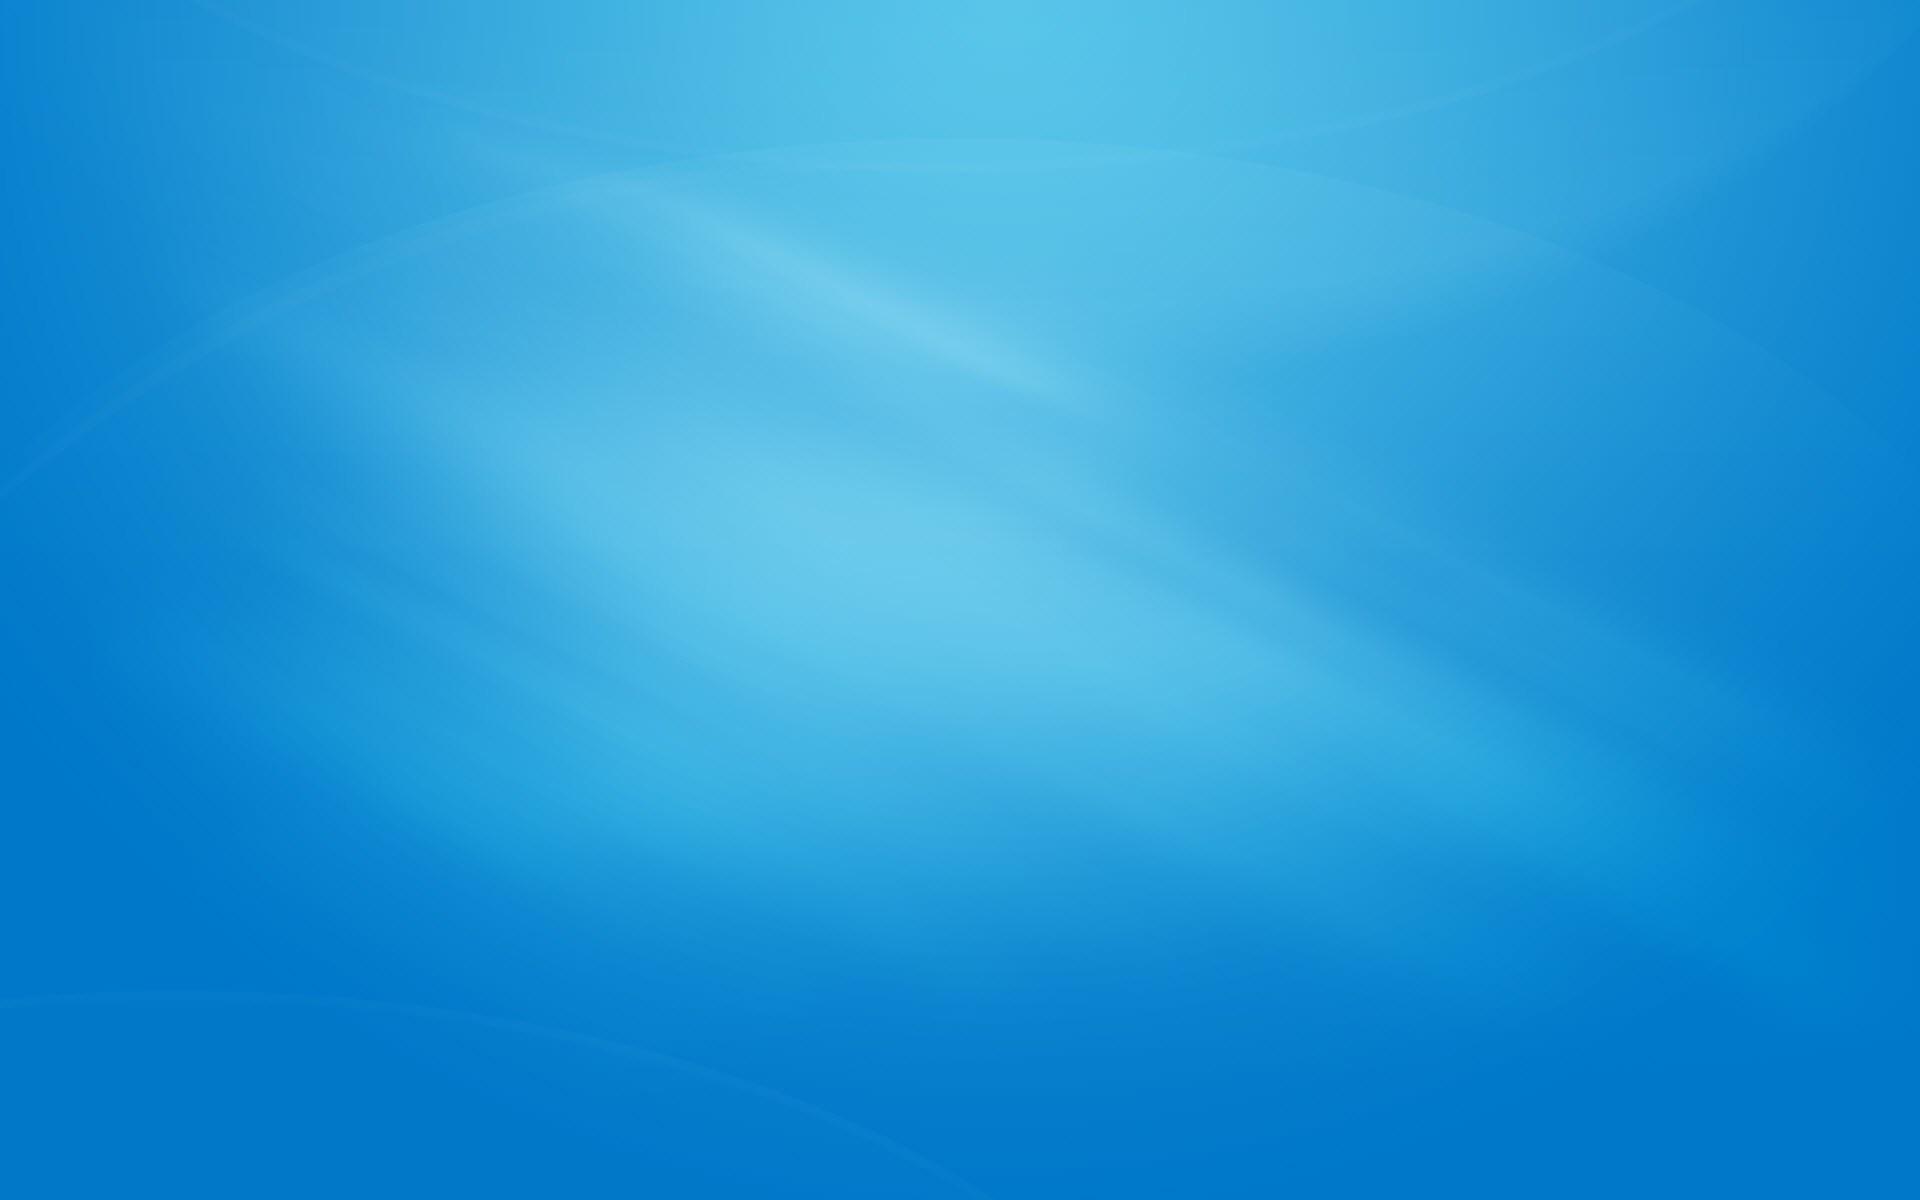 Blue Desktop Background 1